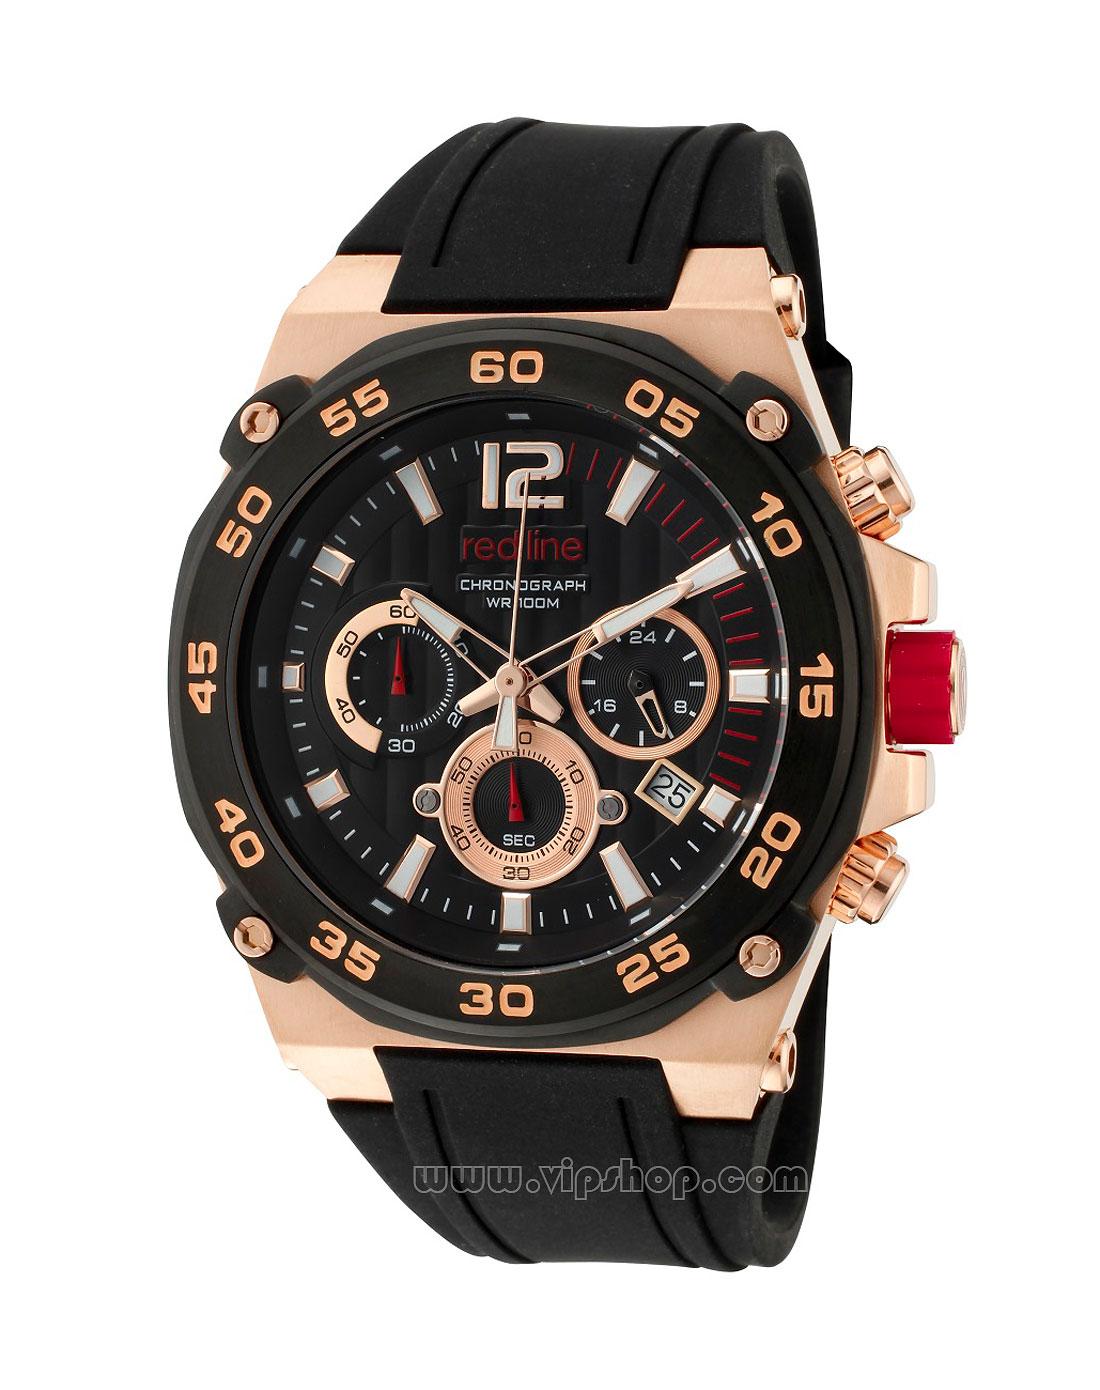 red line 男款质感三眼设计计时刻度表盘圆形手表黑/金色